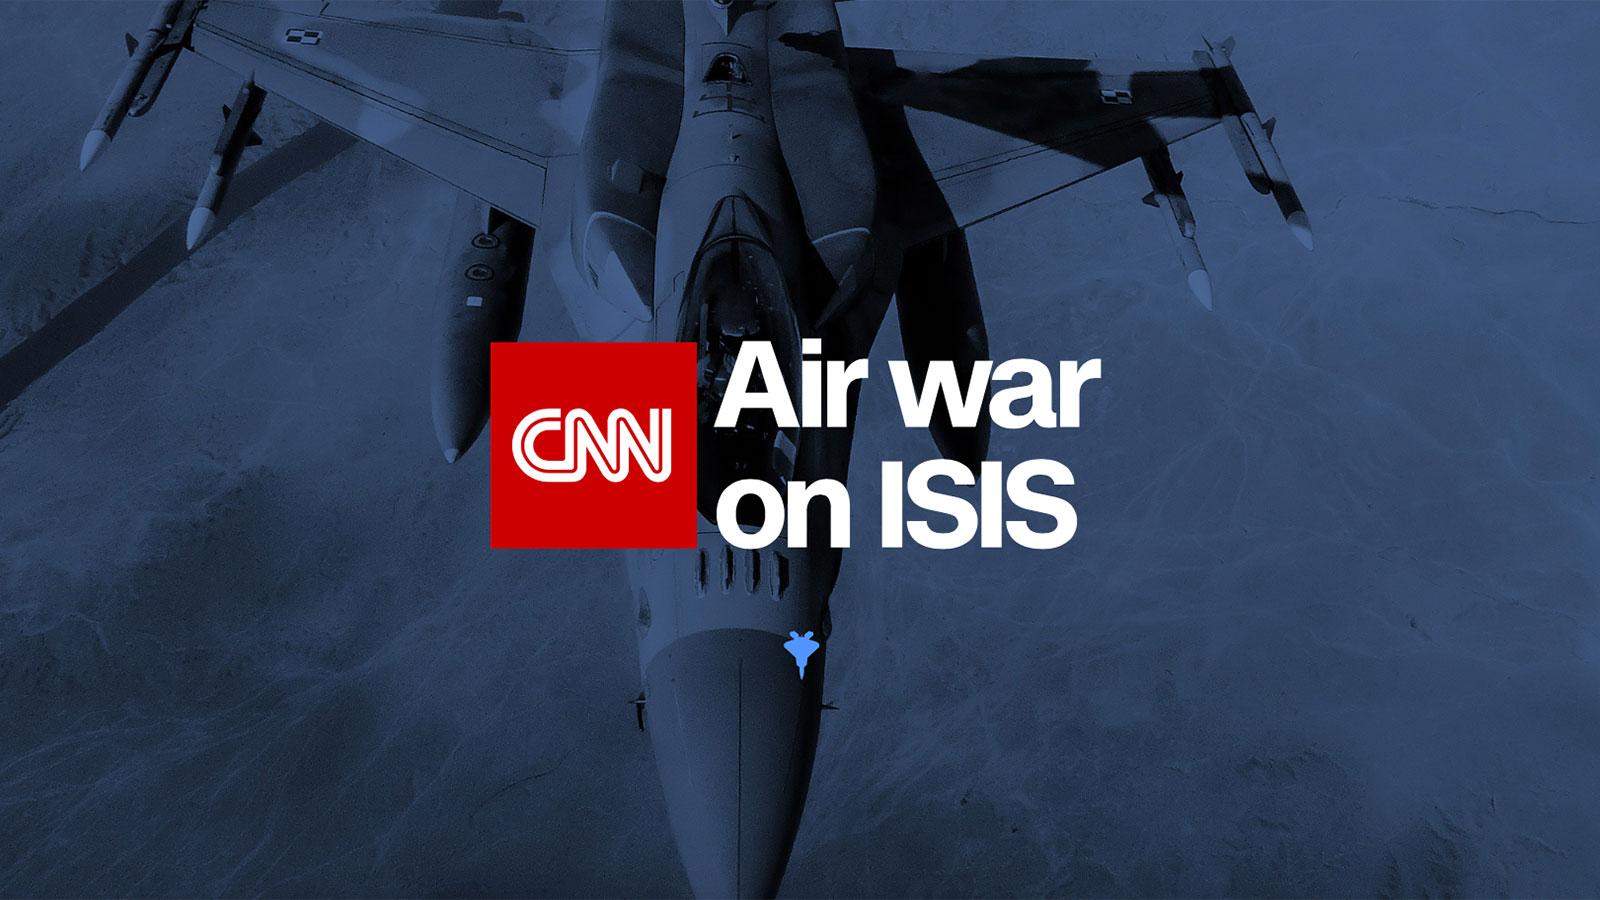 CNN: Air War on ISIS